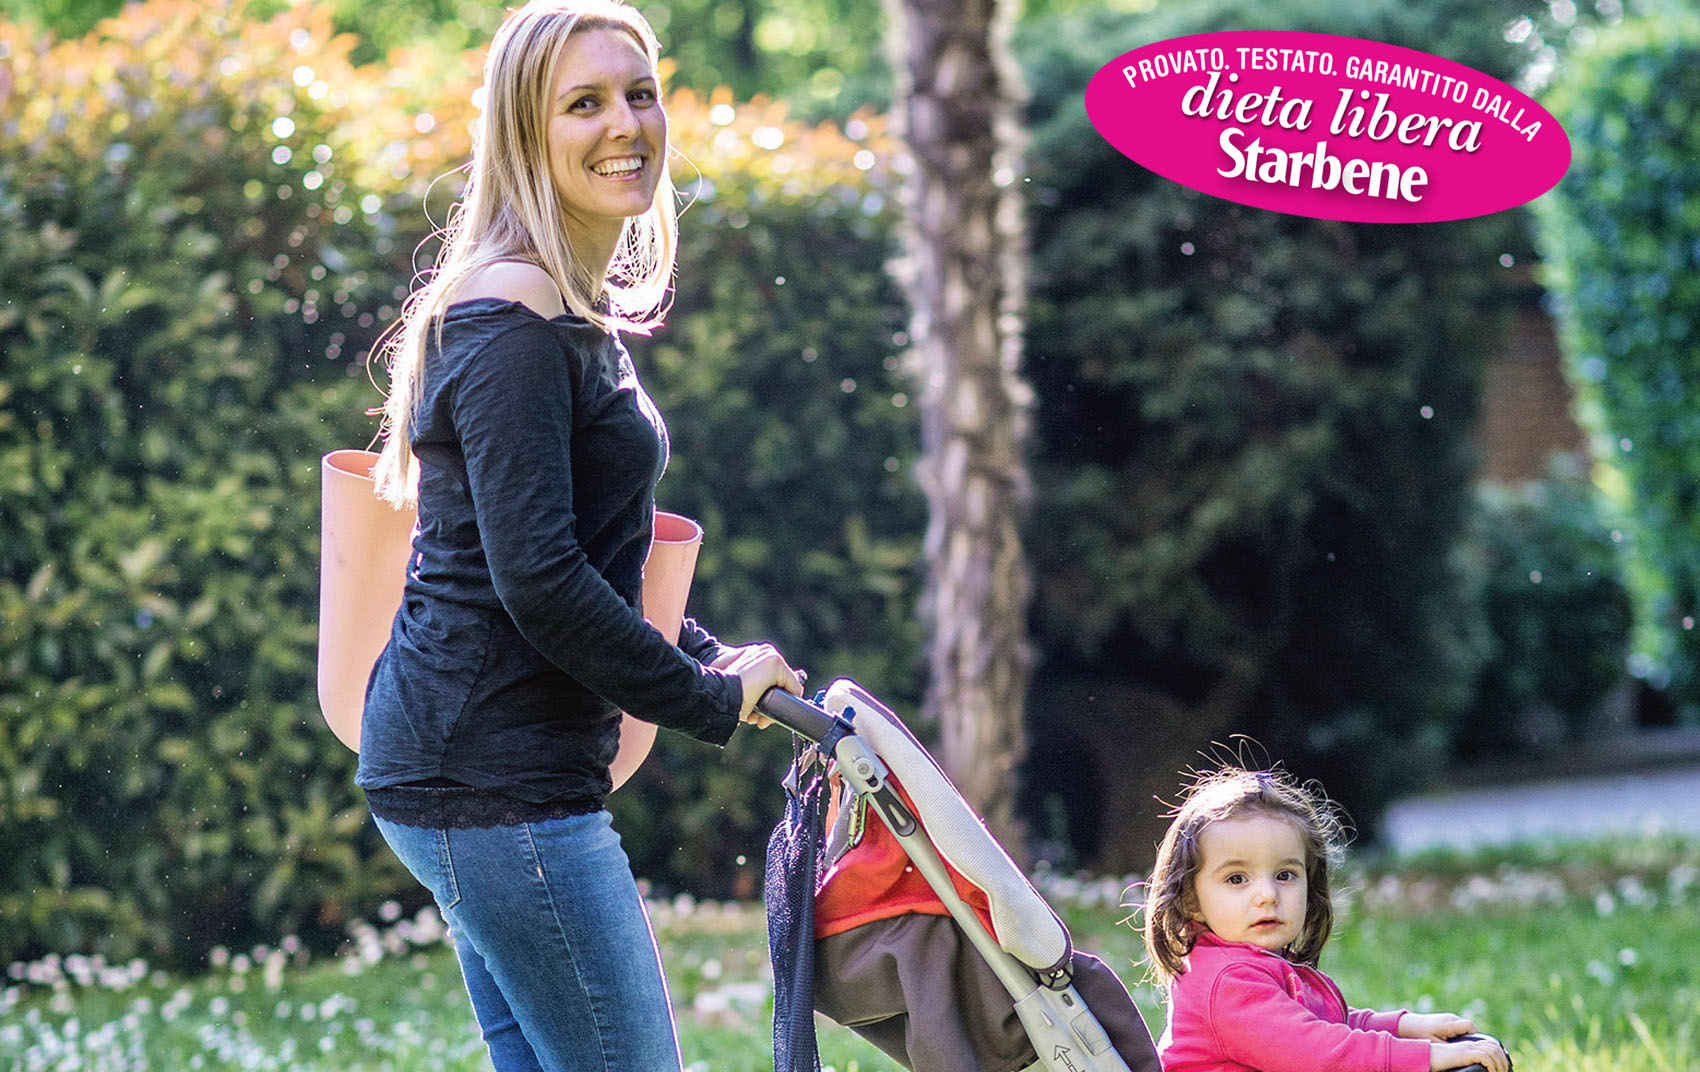 pranzo ufficio gravidanza: edù the vegan therapy milano dieta ... - Pranzo Ufficio Dieta